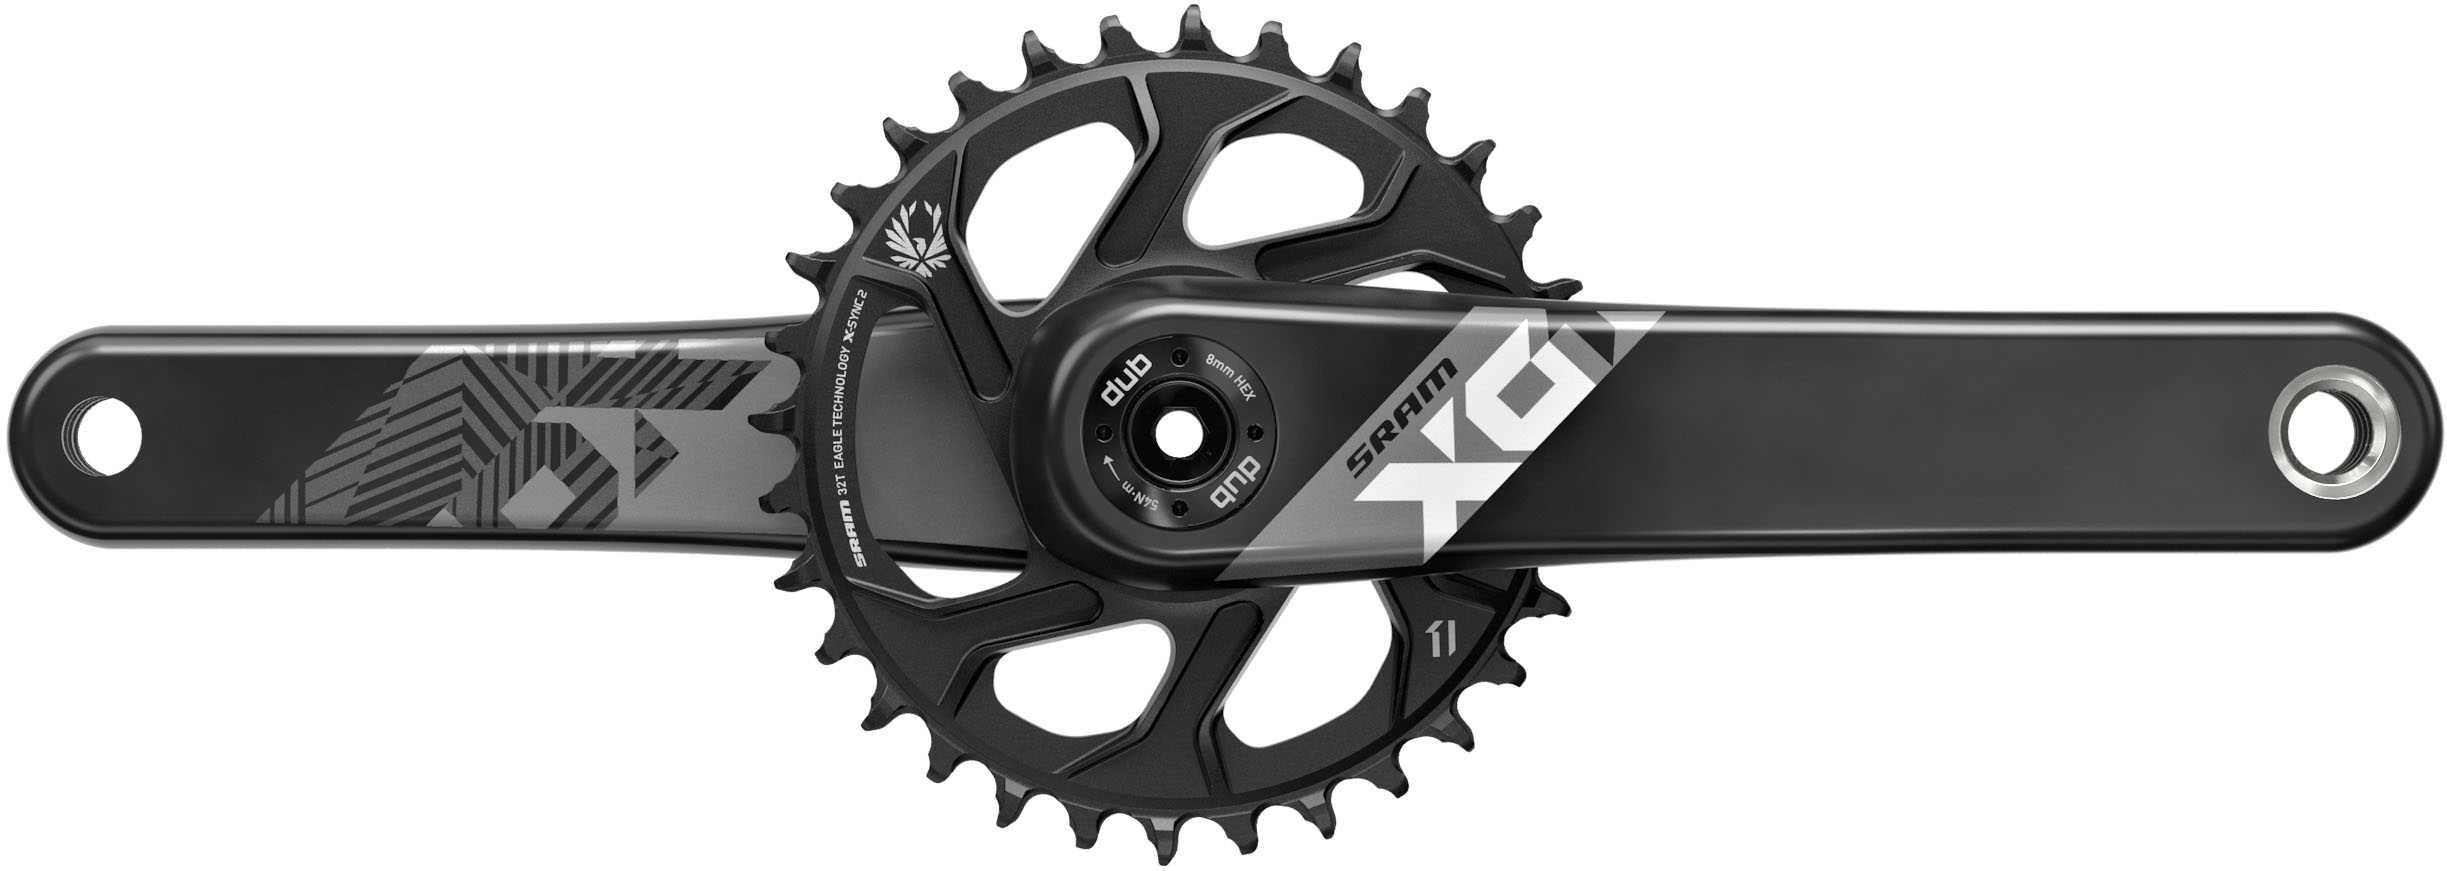 """SRAM Vevparti SRAM X01 Eagle Fat Bike 5"""""""" 1 x 12 växlar DUB direct mount 30T 175 mm svart/svart"""